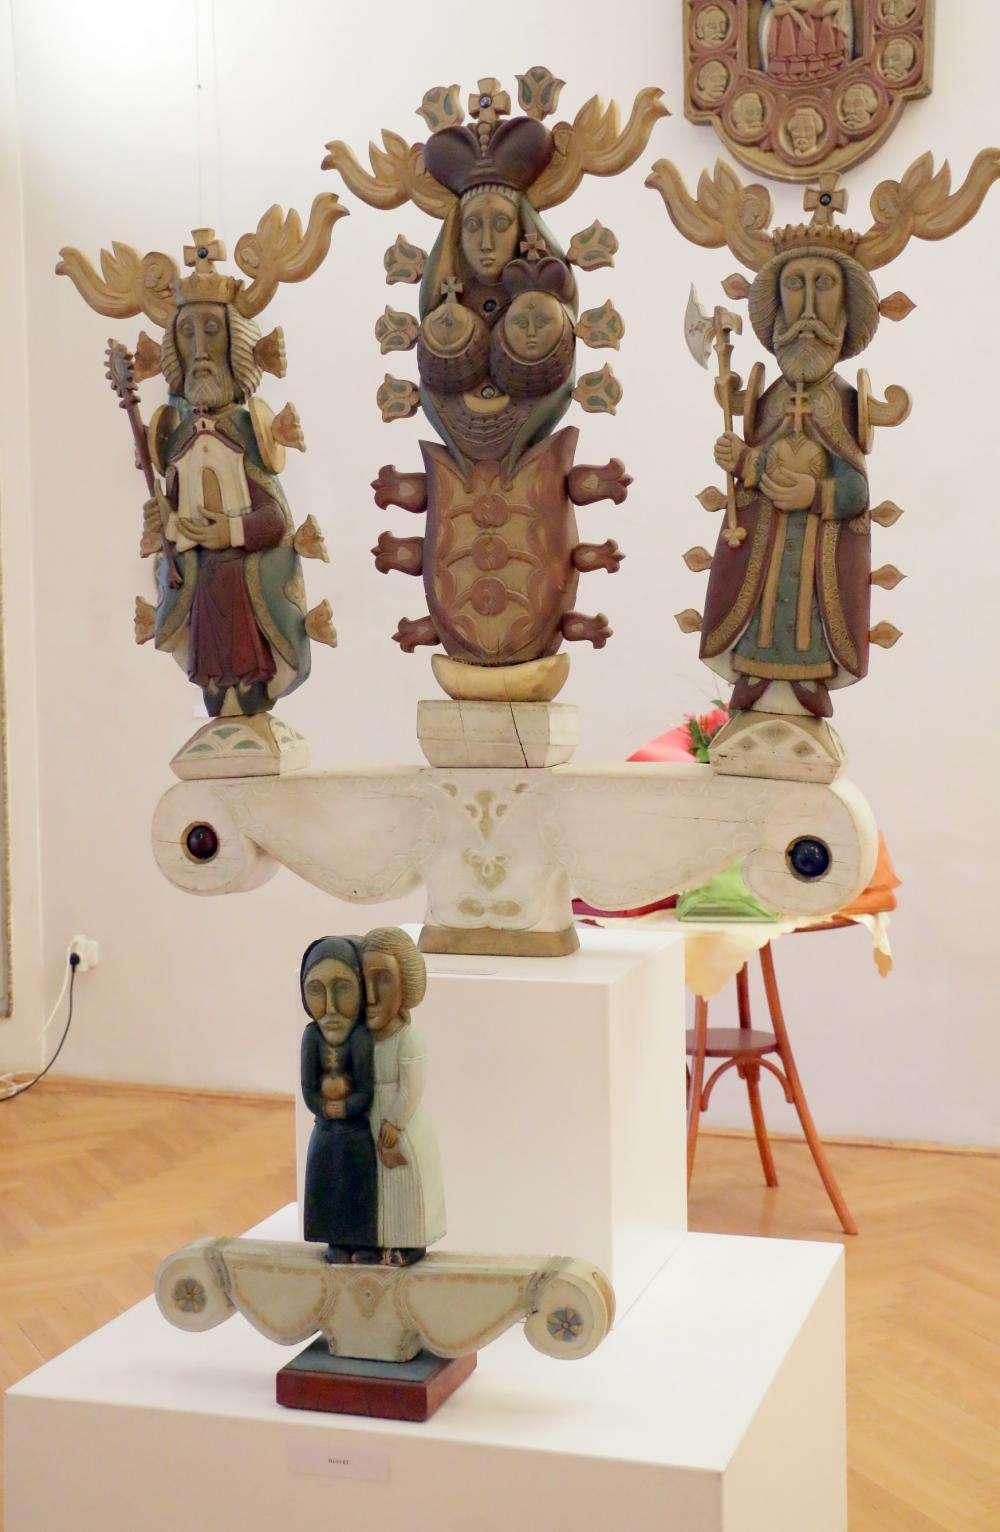 A CSENDBŐL ÉLNI - Blaskó Sándor szobrászművész kiállítása